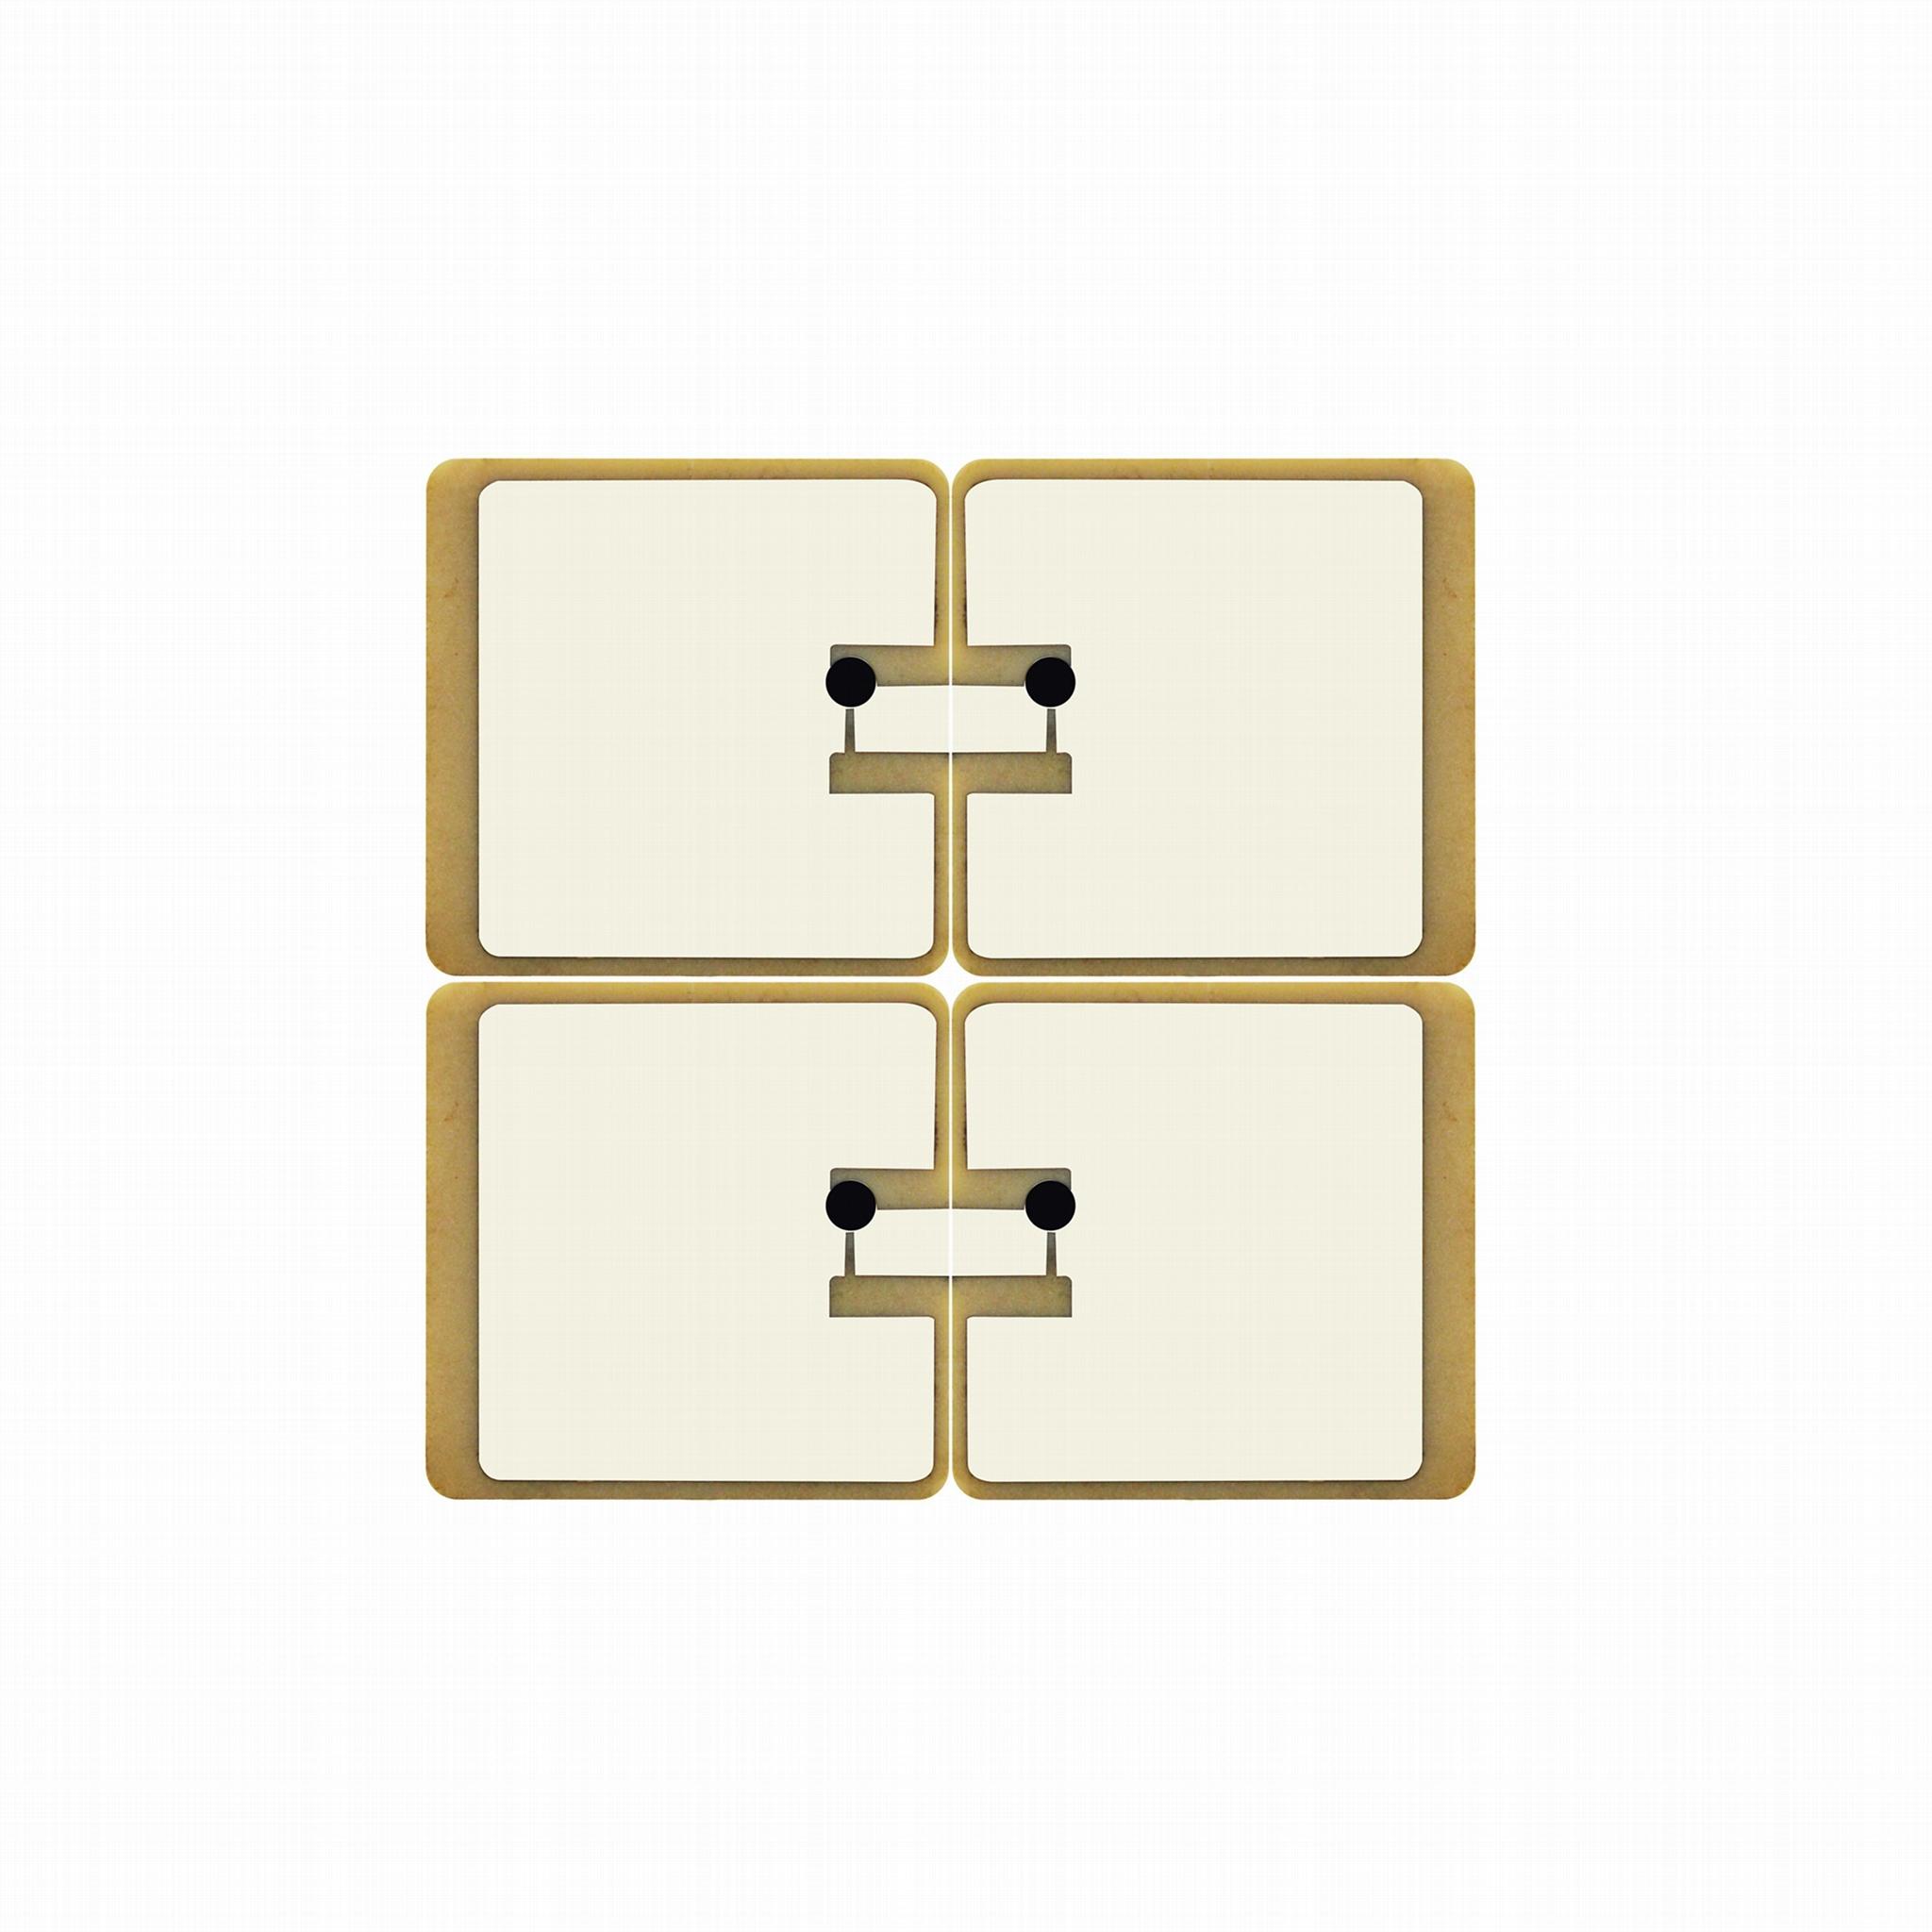 定制RFID抗金属、陶瓷电子标签 资产管理标签 MC2525 5